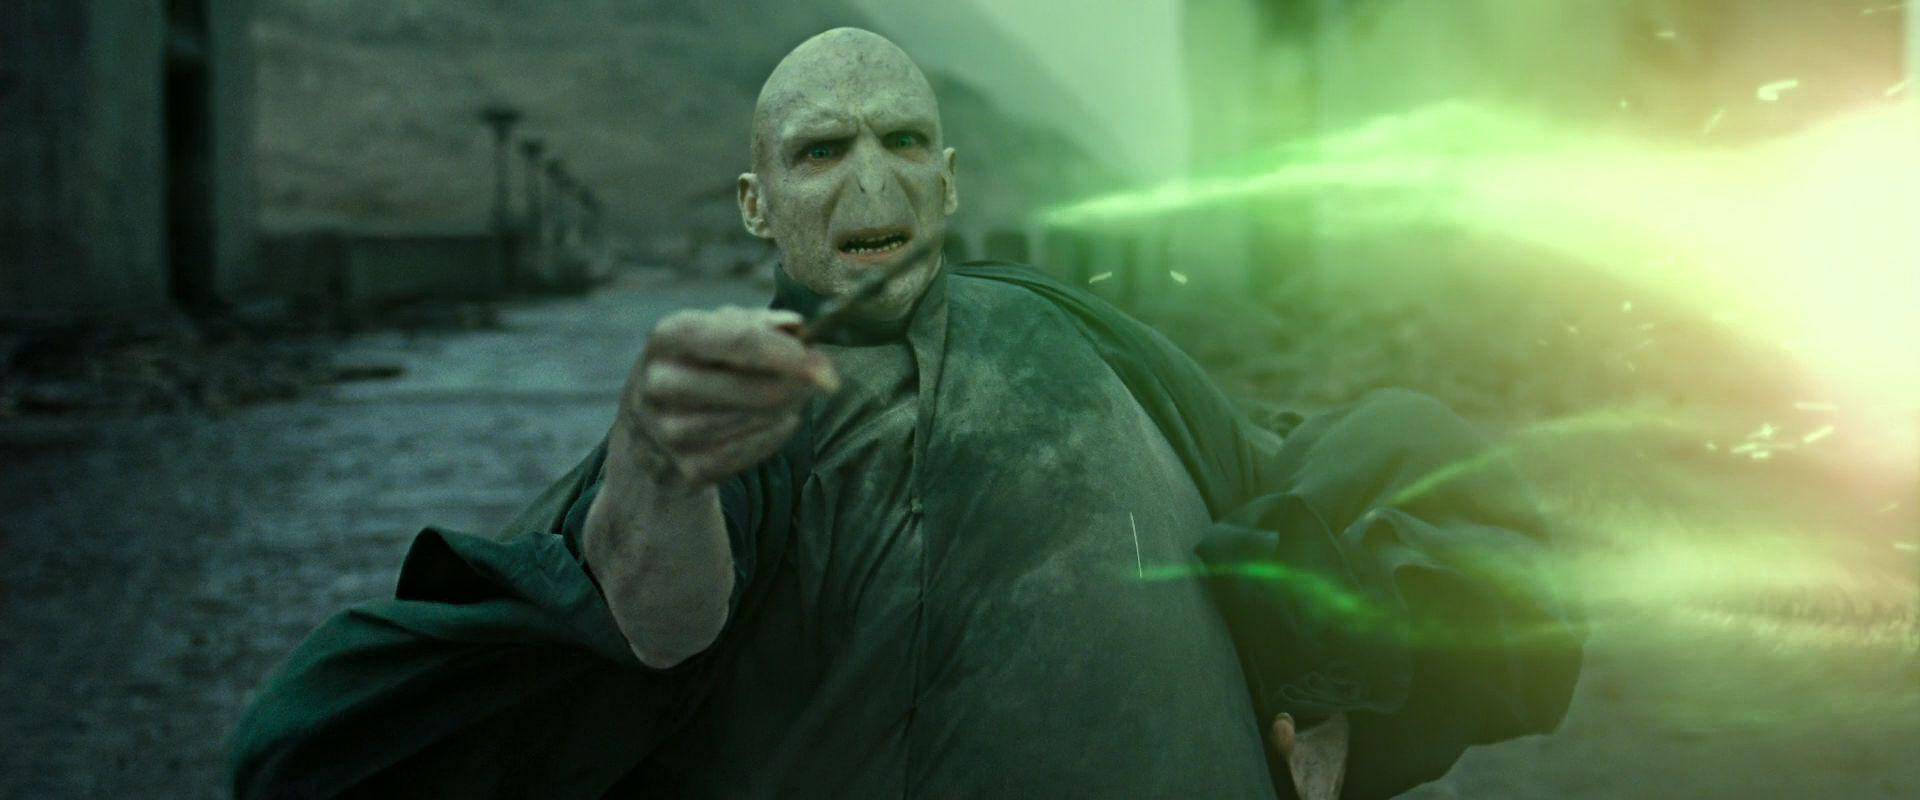 Le incredibili somiglianze che ci sono tra Lord Voldemort e Adolf Hitler, sia ideologiche che biografiche